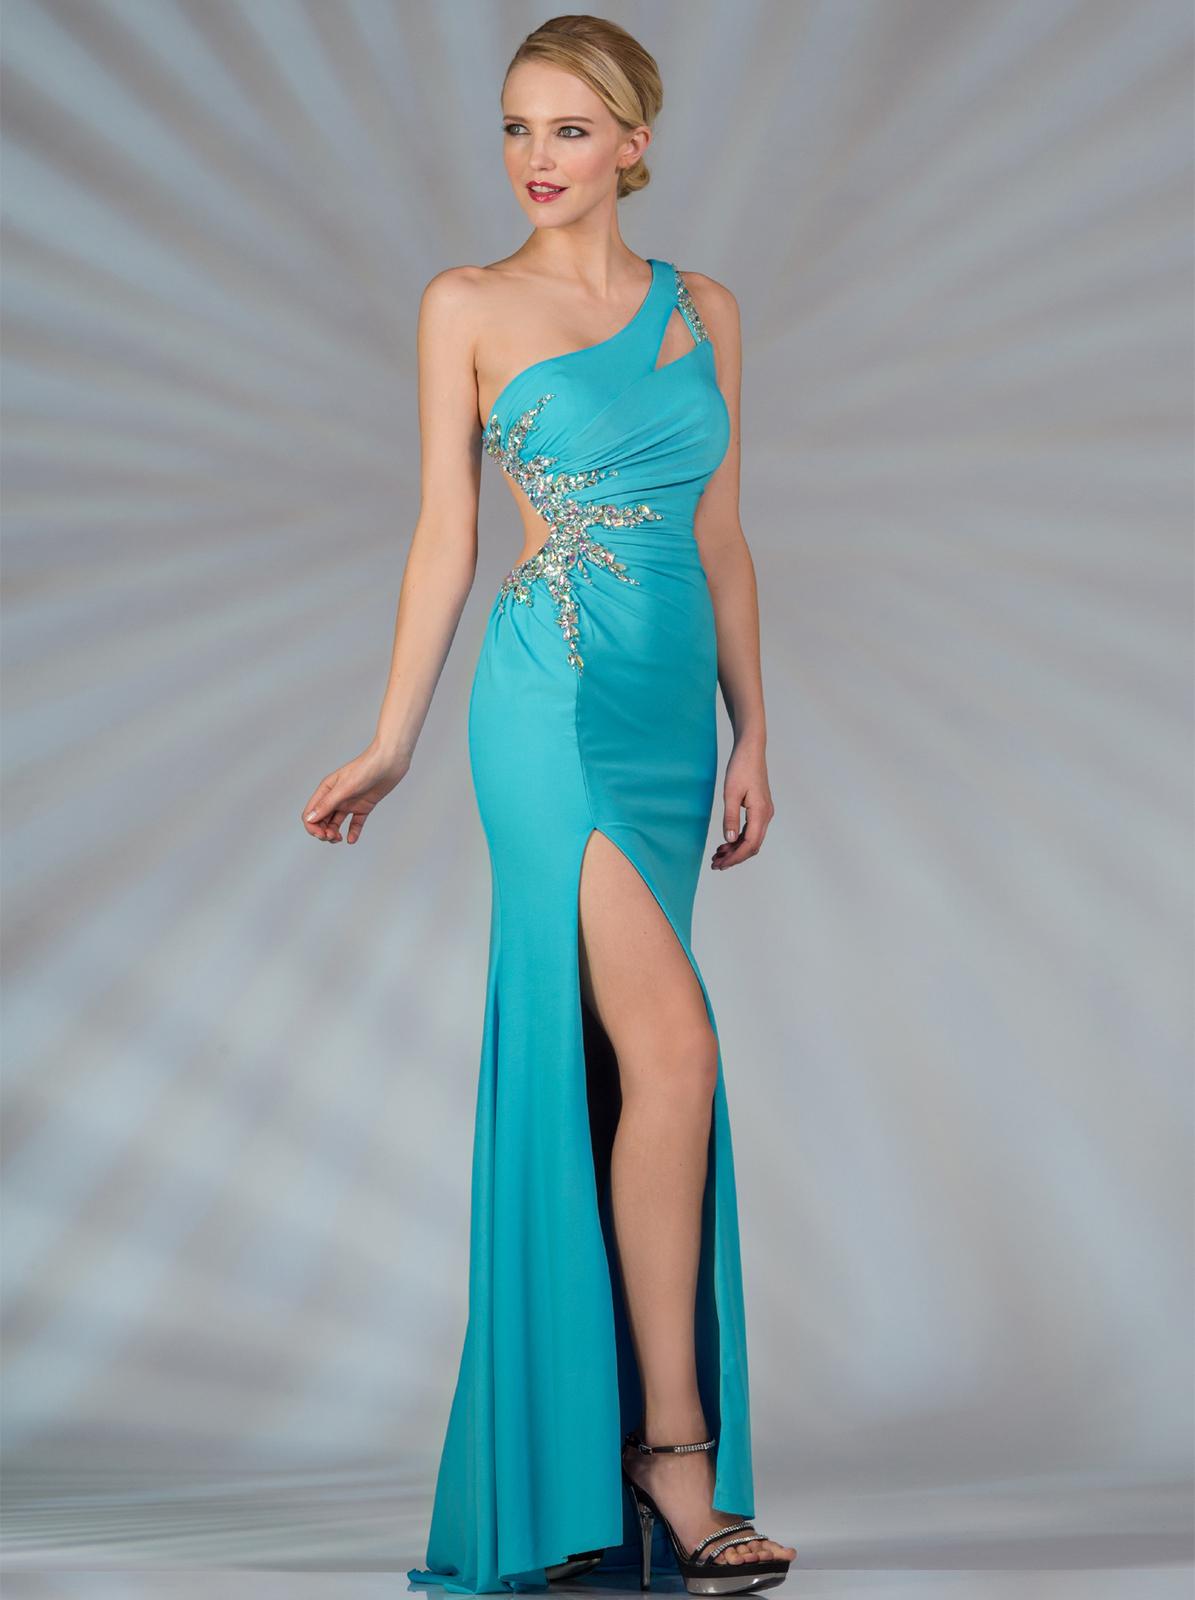 One Shoulder Cut Out Evening Dress - Sung Boutique L.A.